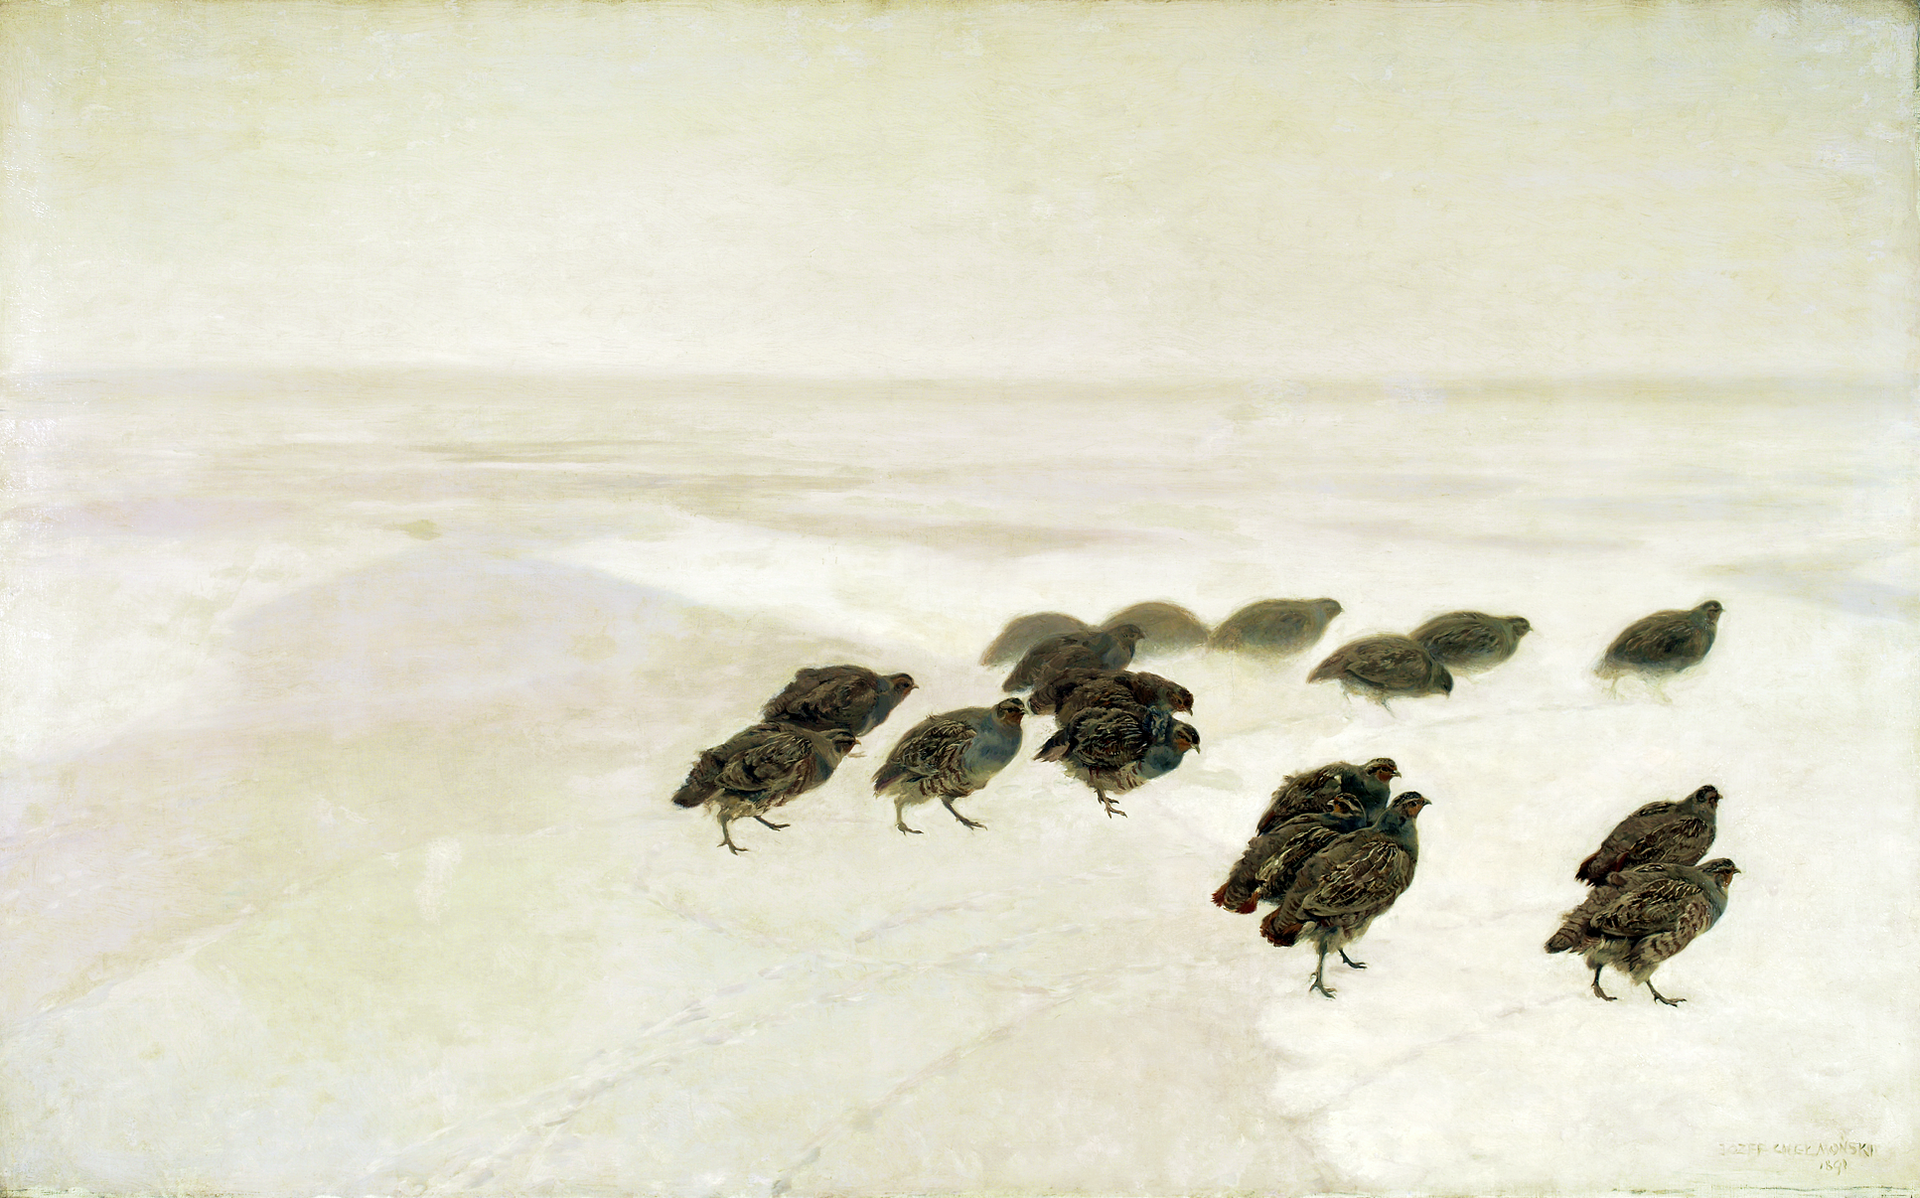 """Ilustracja przedstawia obraz olejny """"Kuropatwy na śniegu"""" autorstwa Józefa Chełmońskiego. Na monochromatycznym, jasnym tle śnieżnego pejzażu artysta namalował stadko szaro-brązowych kuropatw. Oszczędnie potraktowana, bezkresna przestrzeń białych pól kontrastuje zciemnymi, realistycznie namalowanymi ptakami, które skulone, ostrożnie stąpają po zimnym, nieznanym gruncie. Kuropatwy idące najdalej wgłębi płótna są jaśniejsze, mniej wyraźne, jakby zamglone co potęguje wrażenie perspektywy wobrazie."""